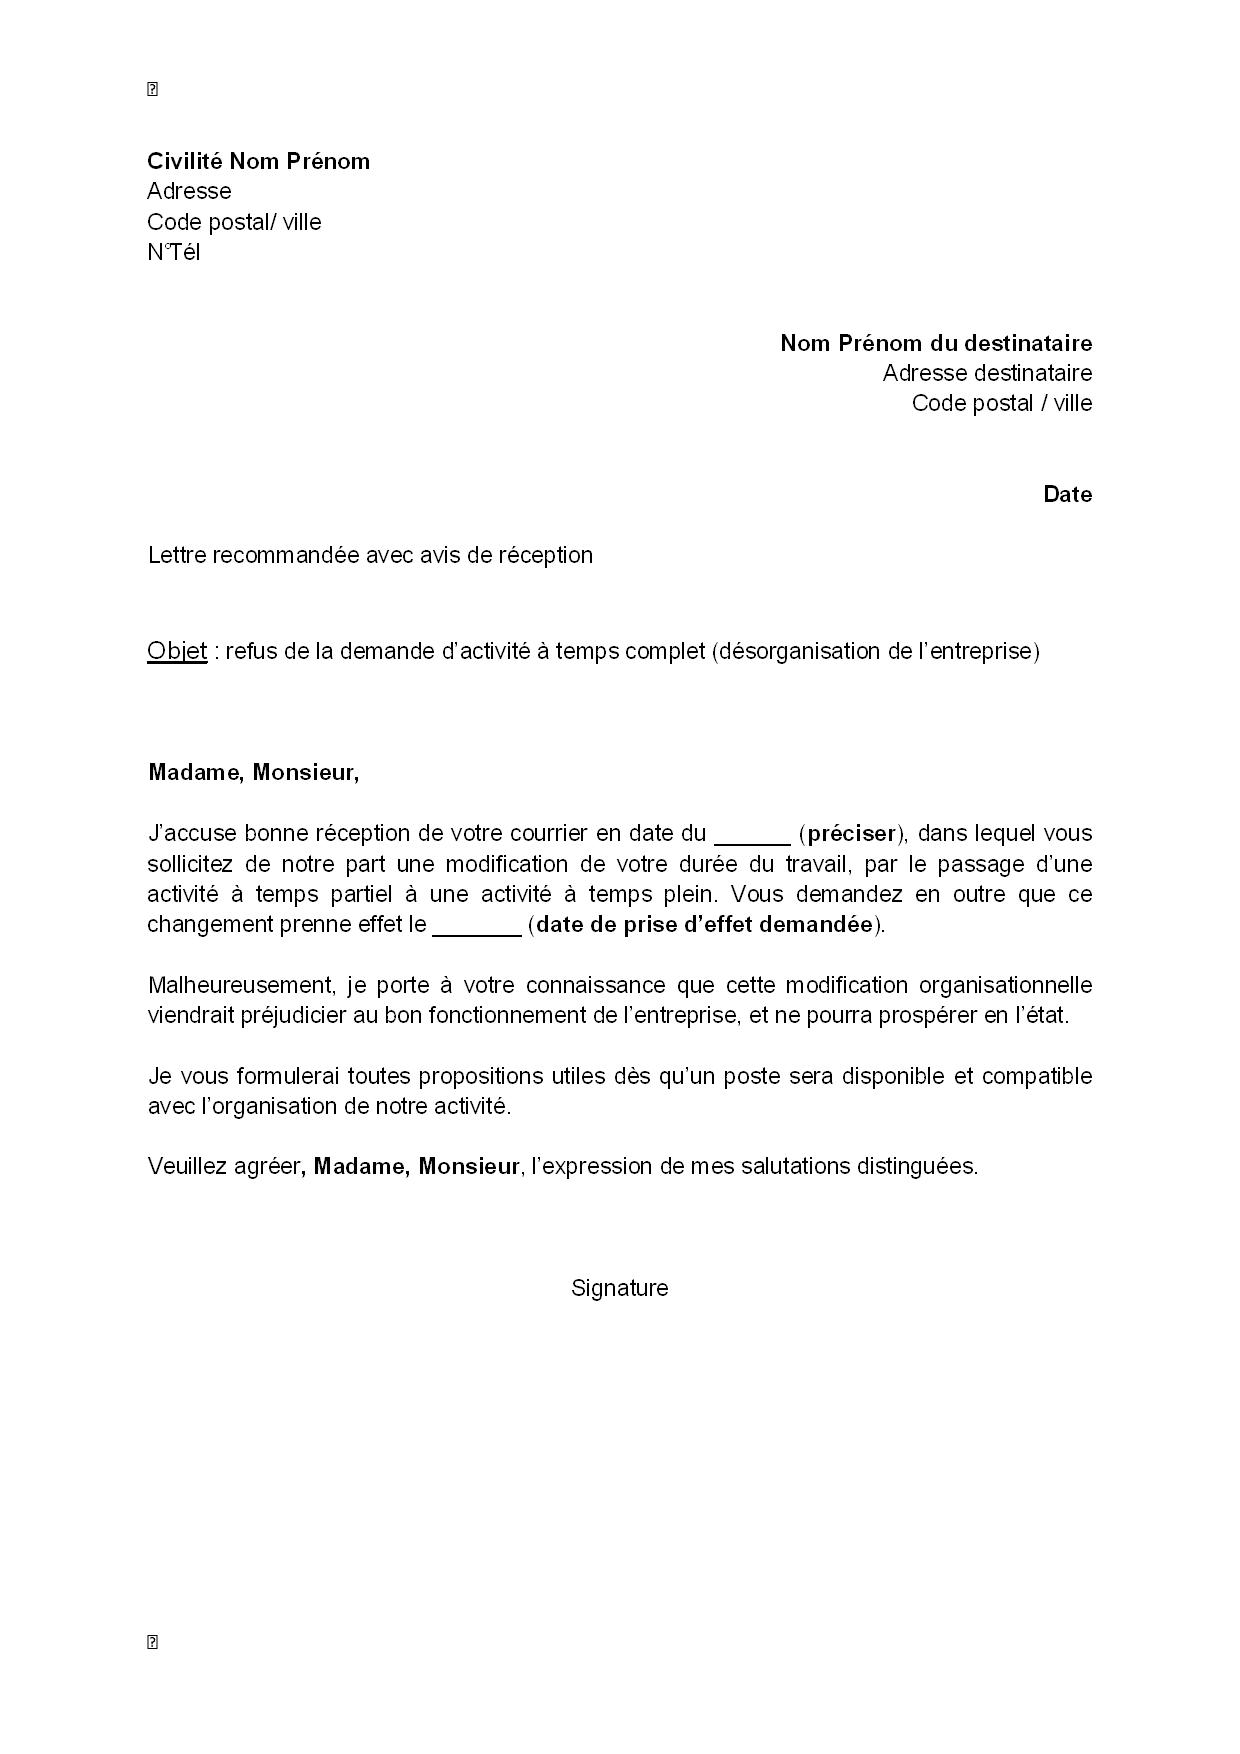 lettre de refus  par l u0026 39 employeur  de la demande d u0026 39 activit u00e9